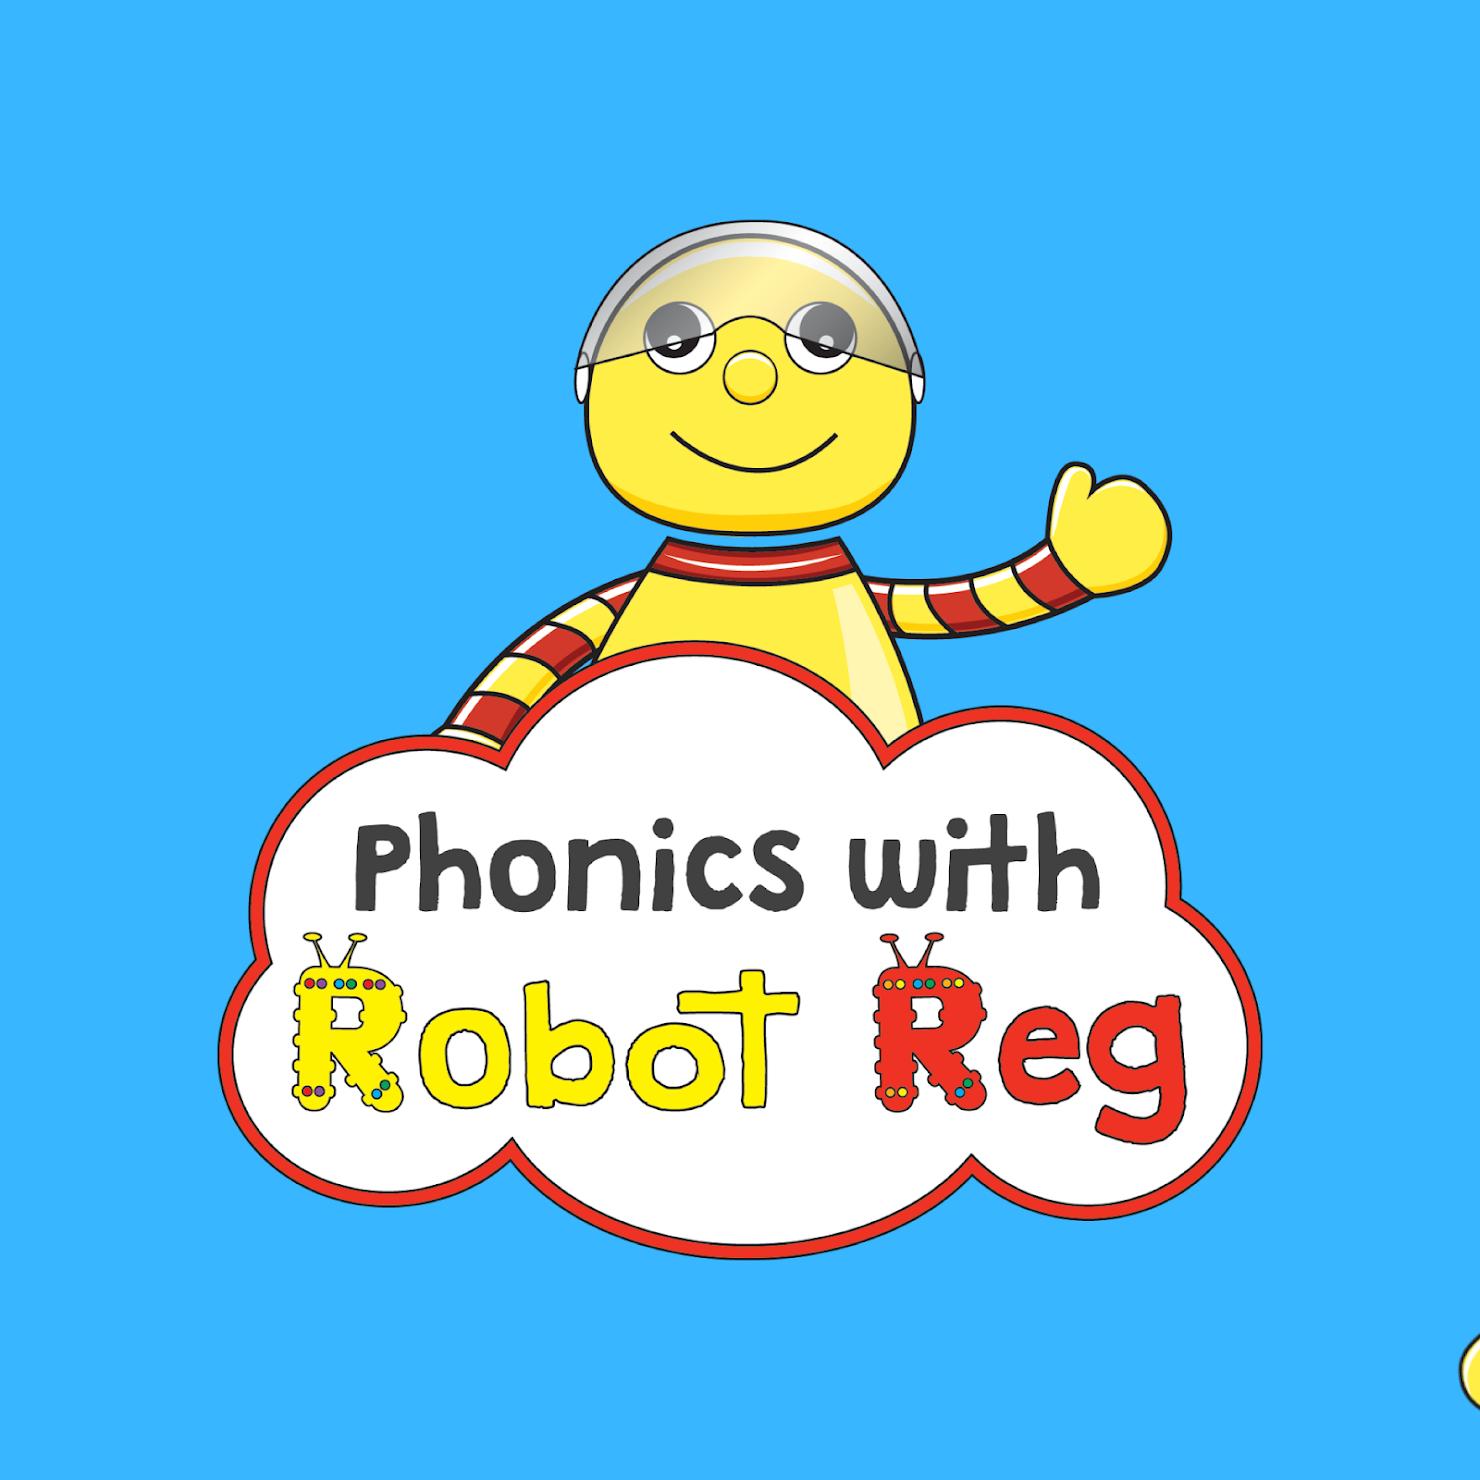 Phonics with Robot Reg Wimbledon Tooting and Mitcham's logo